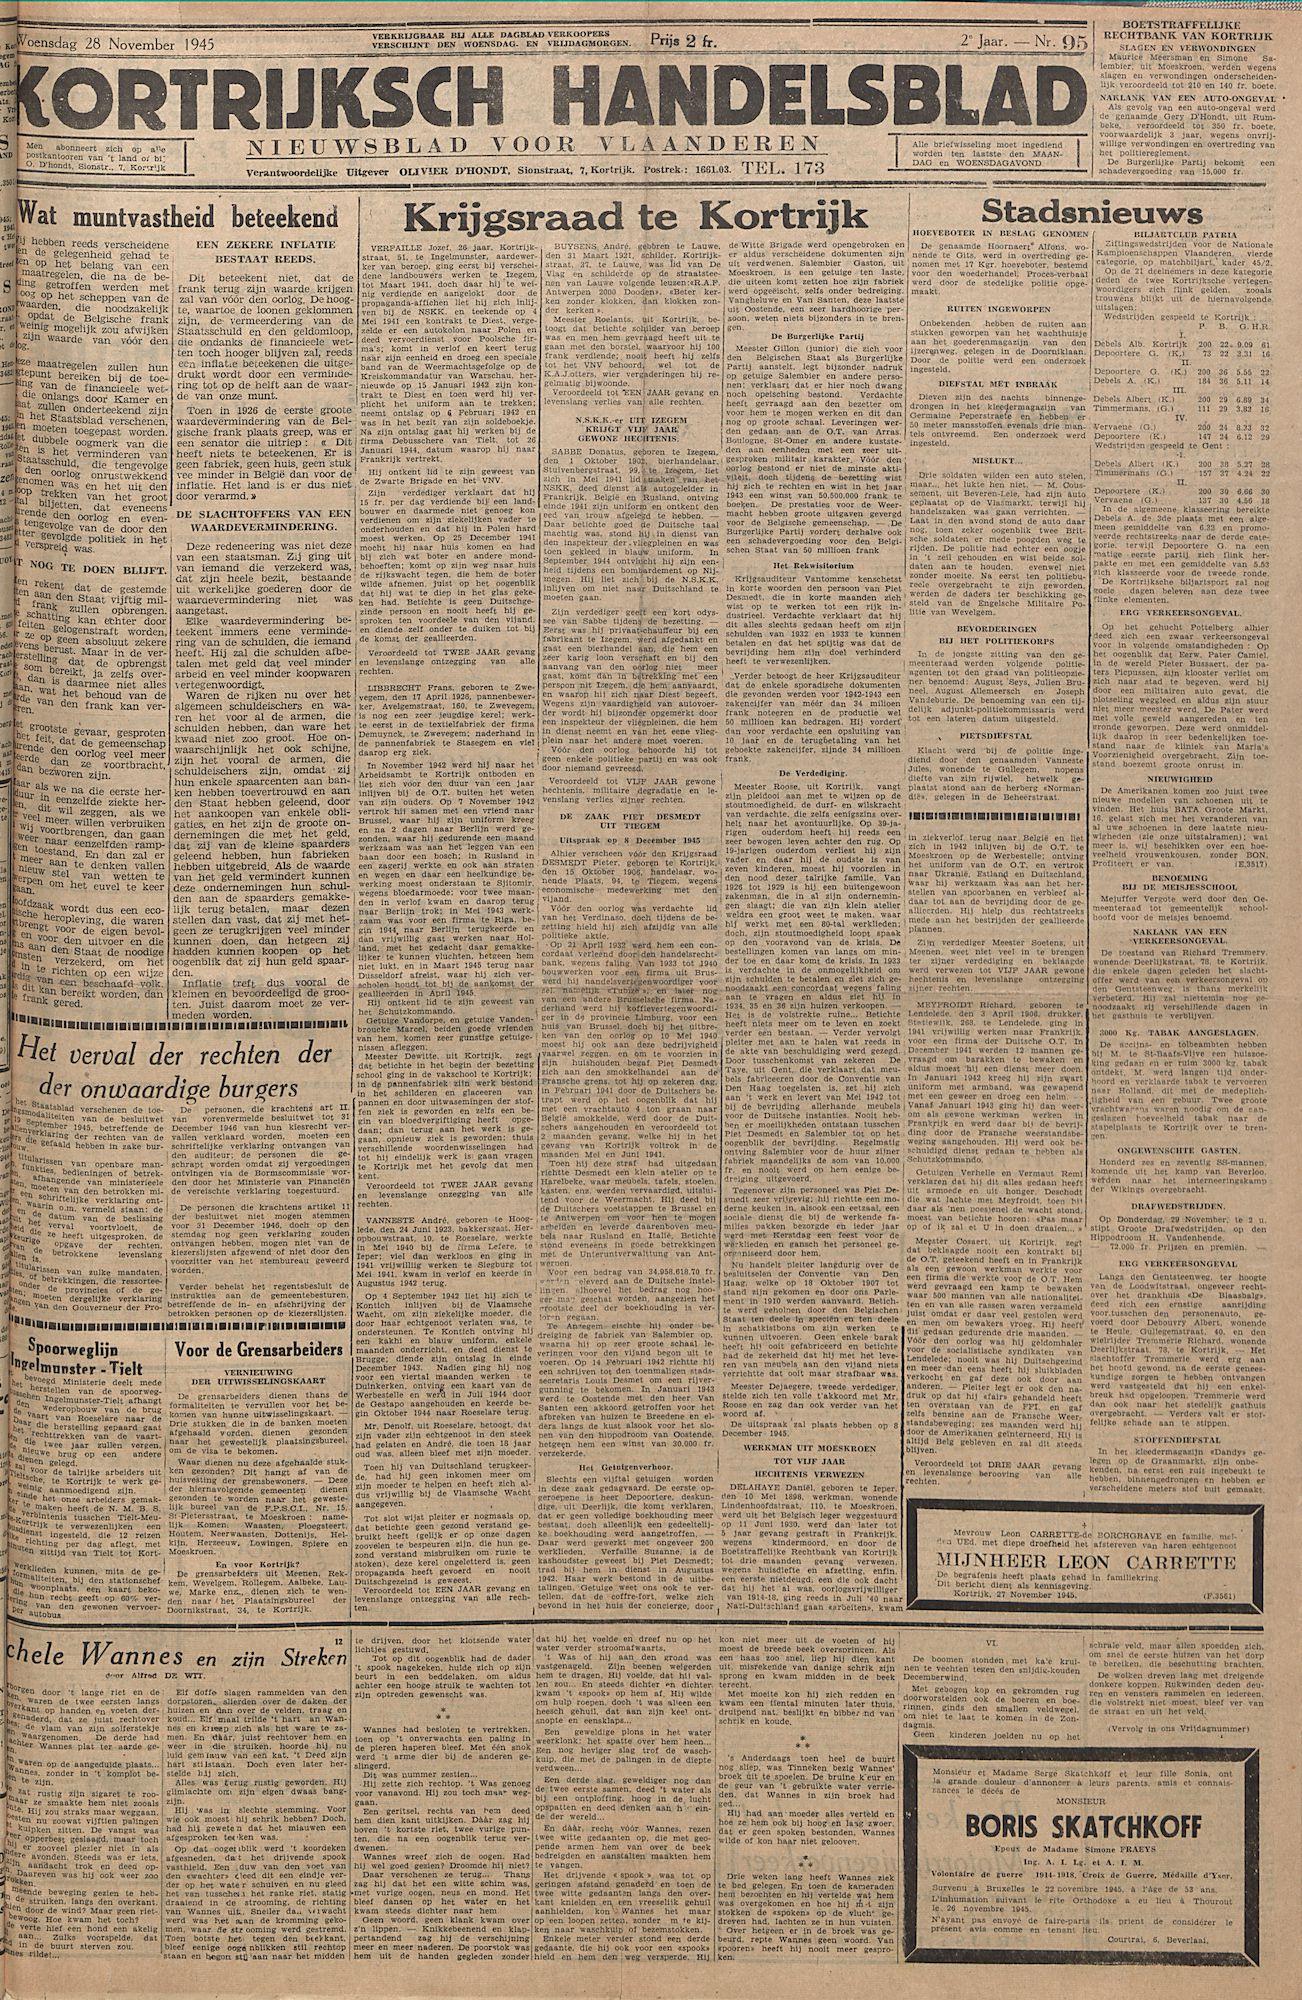 Kortrijksch Handelsblad 28 november 1945 Nr95 p1